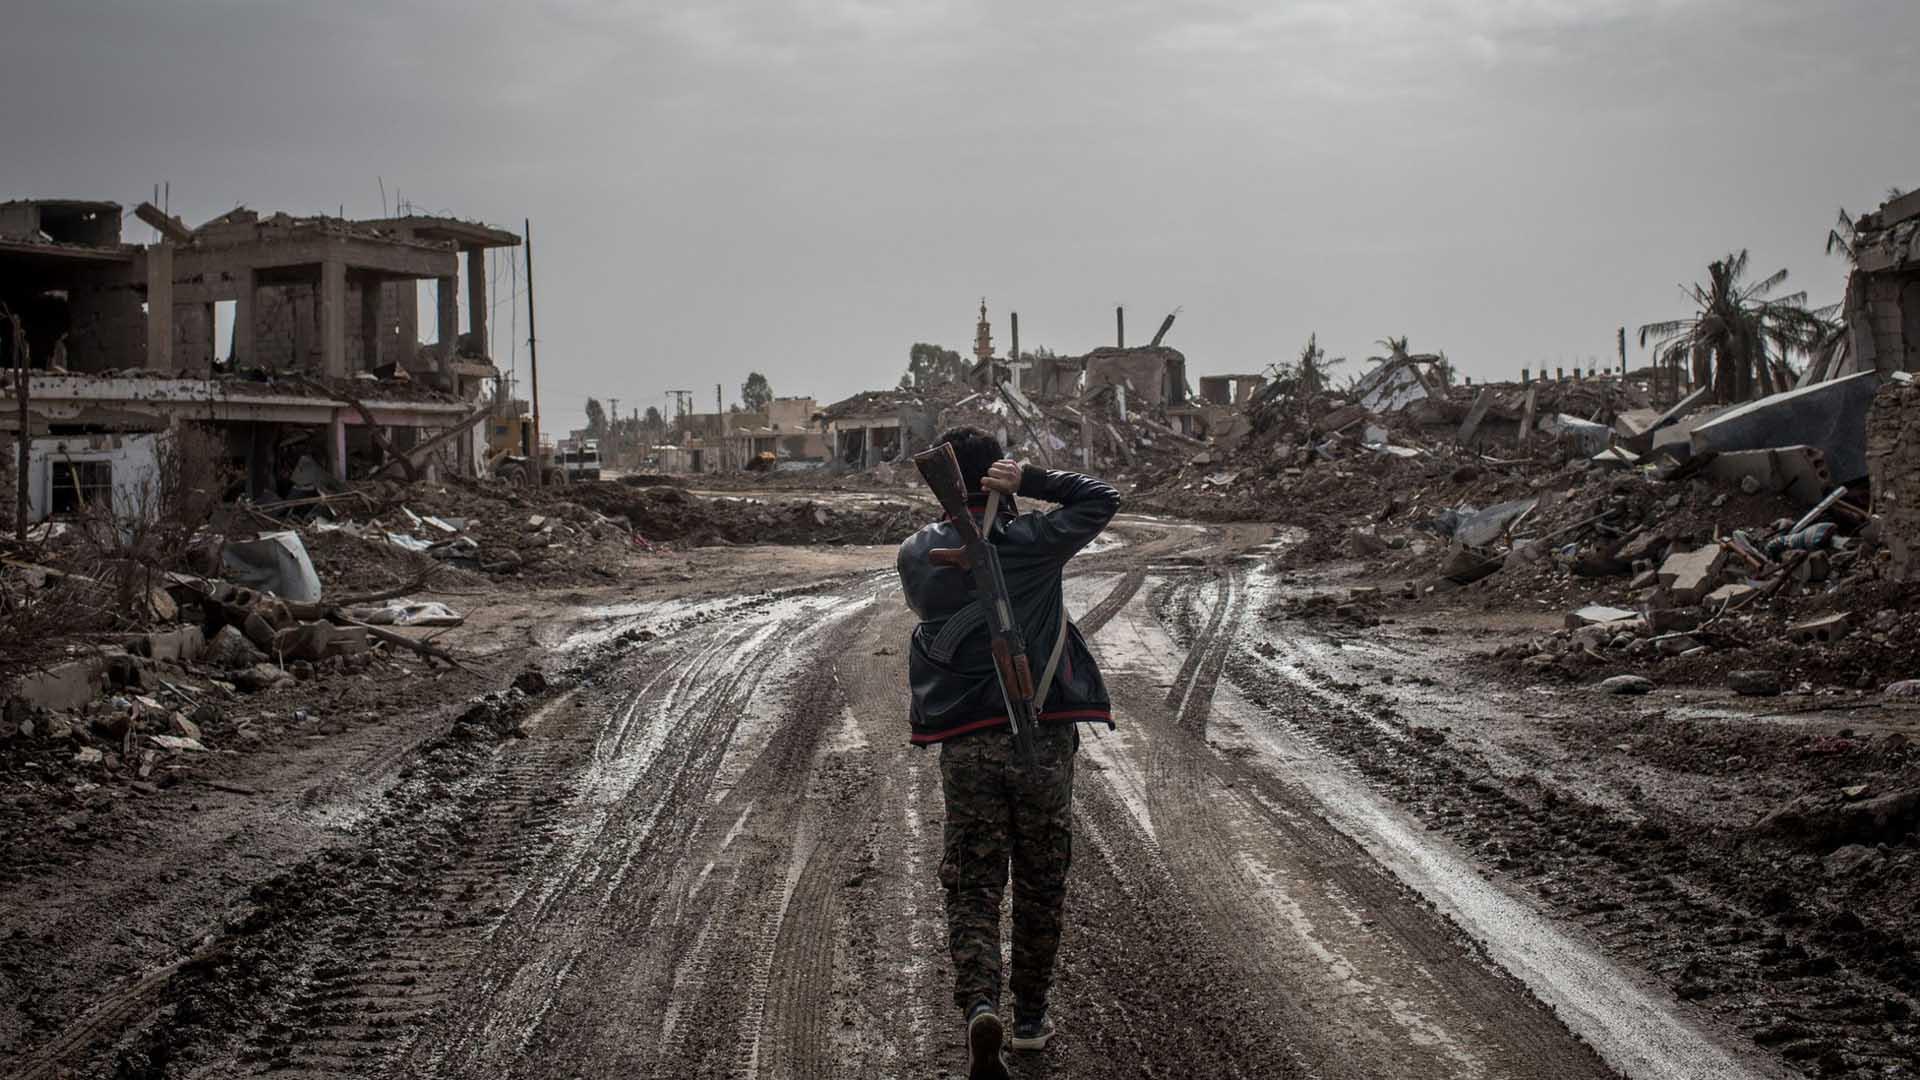 آليات إعادة الاستقرار إلى سورية ومعوقاتها